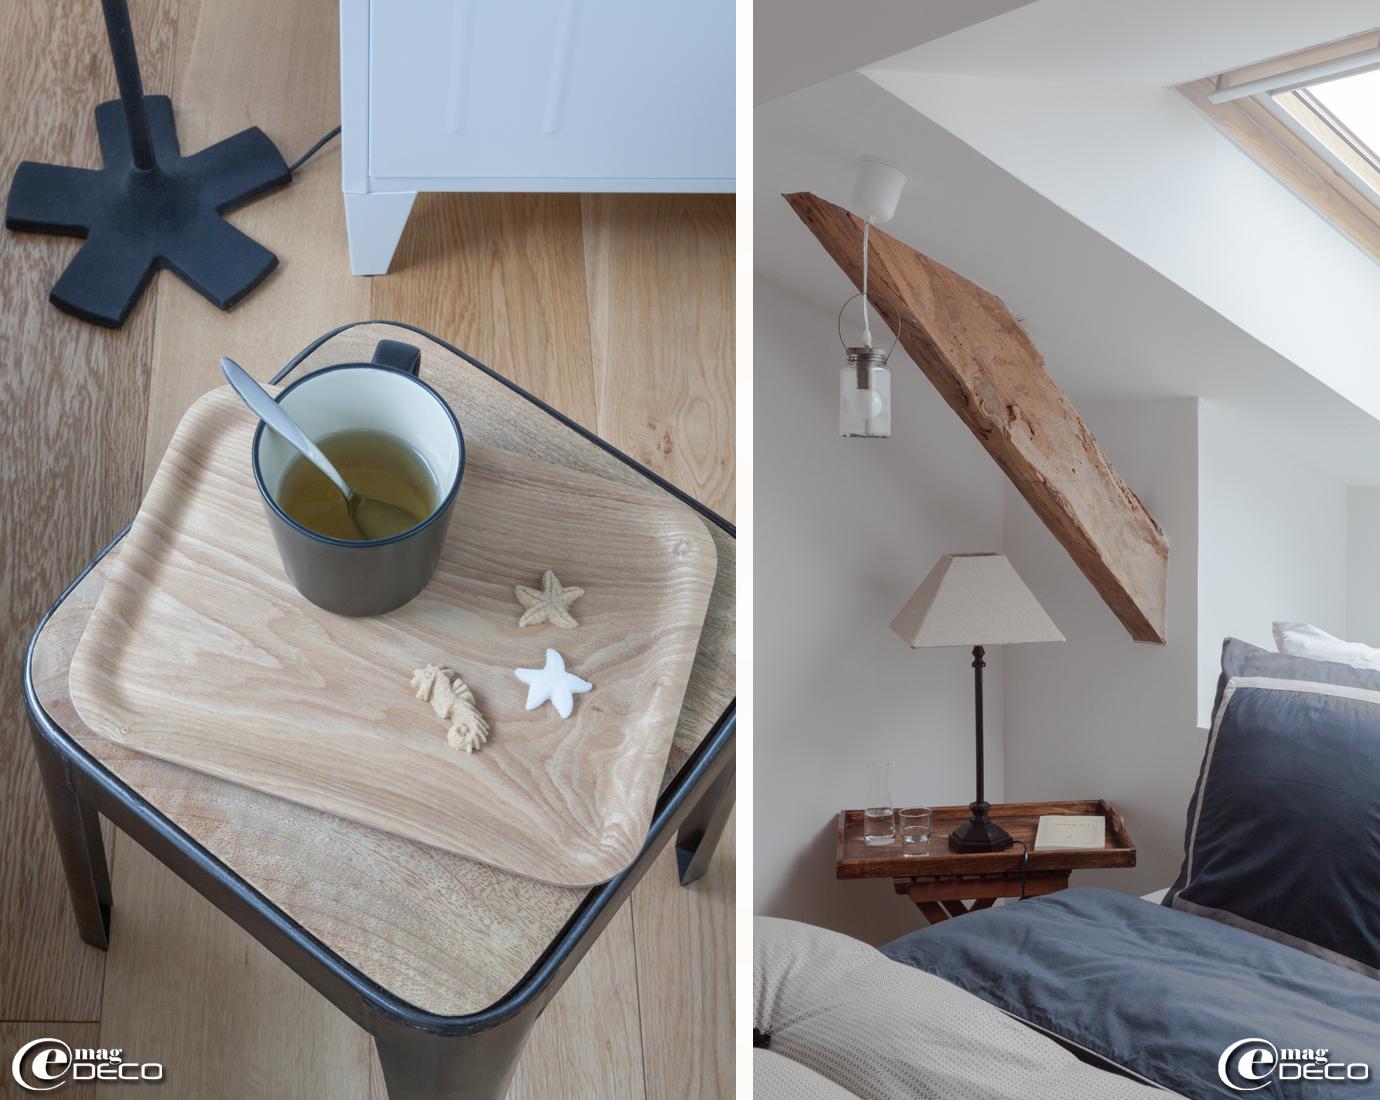 Sucres moulés 'Ercus', tasse 'Ikea', petite table pliante avec plateau 'AM.PM.', suspension en verre 'La Cabane de Zoé'